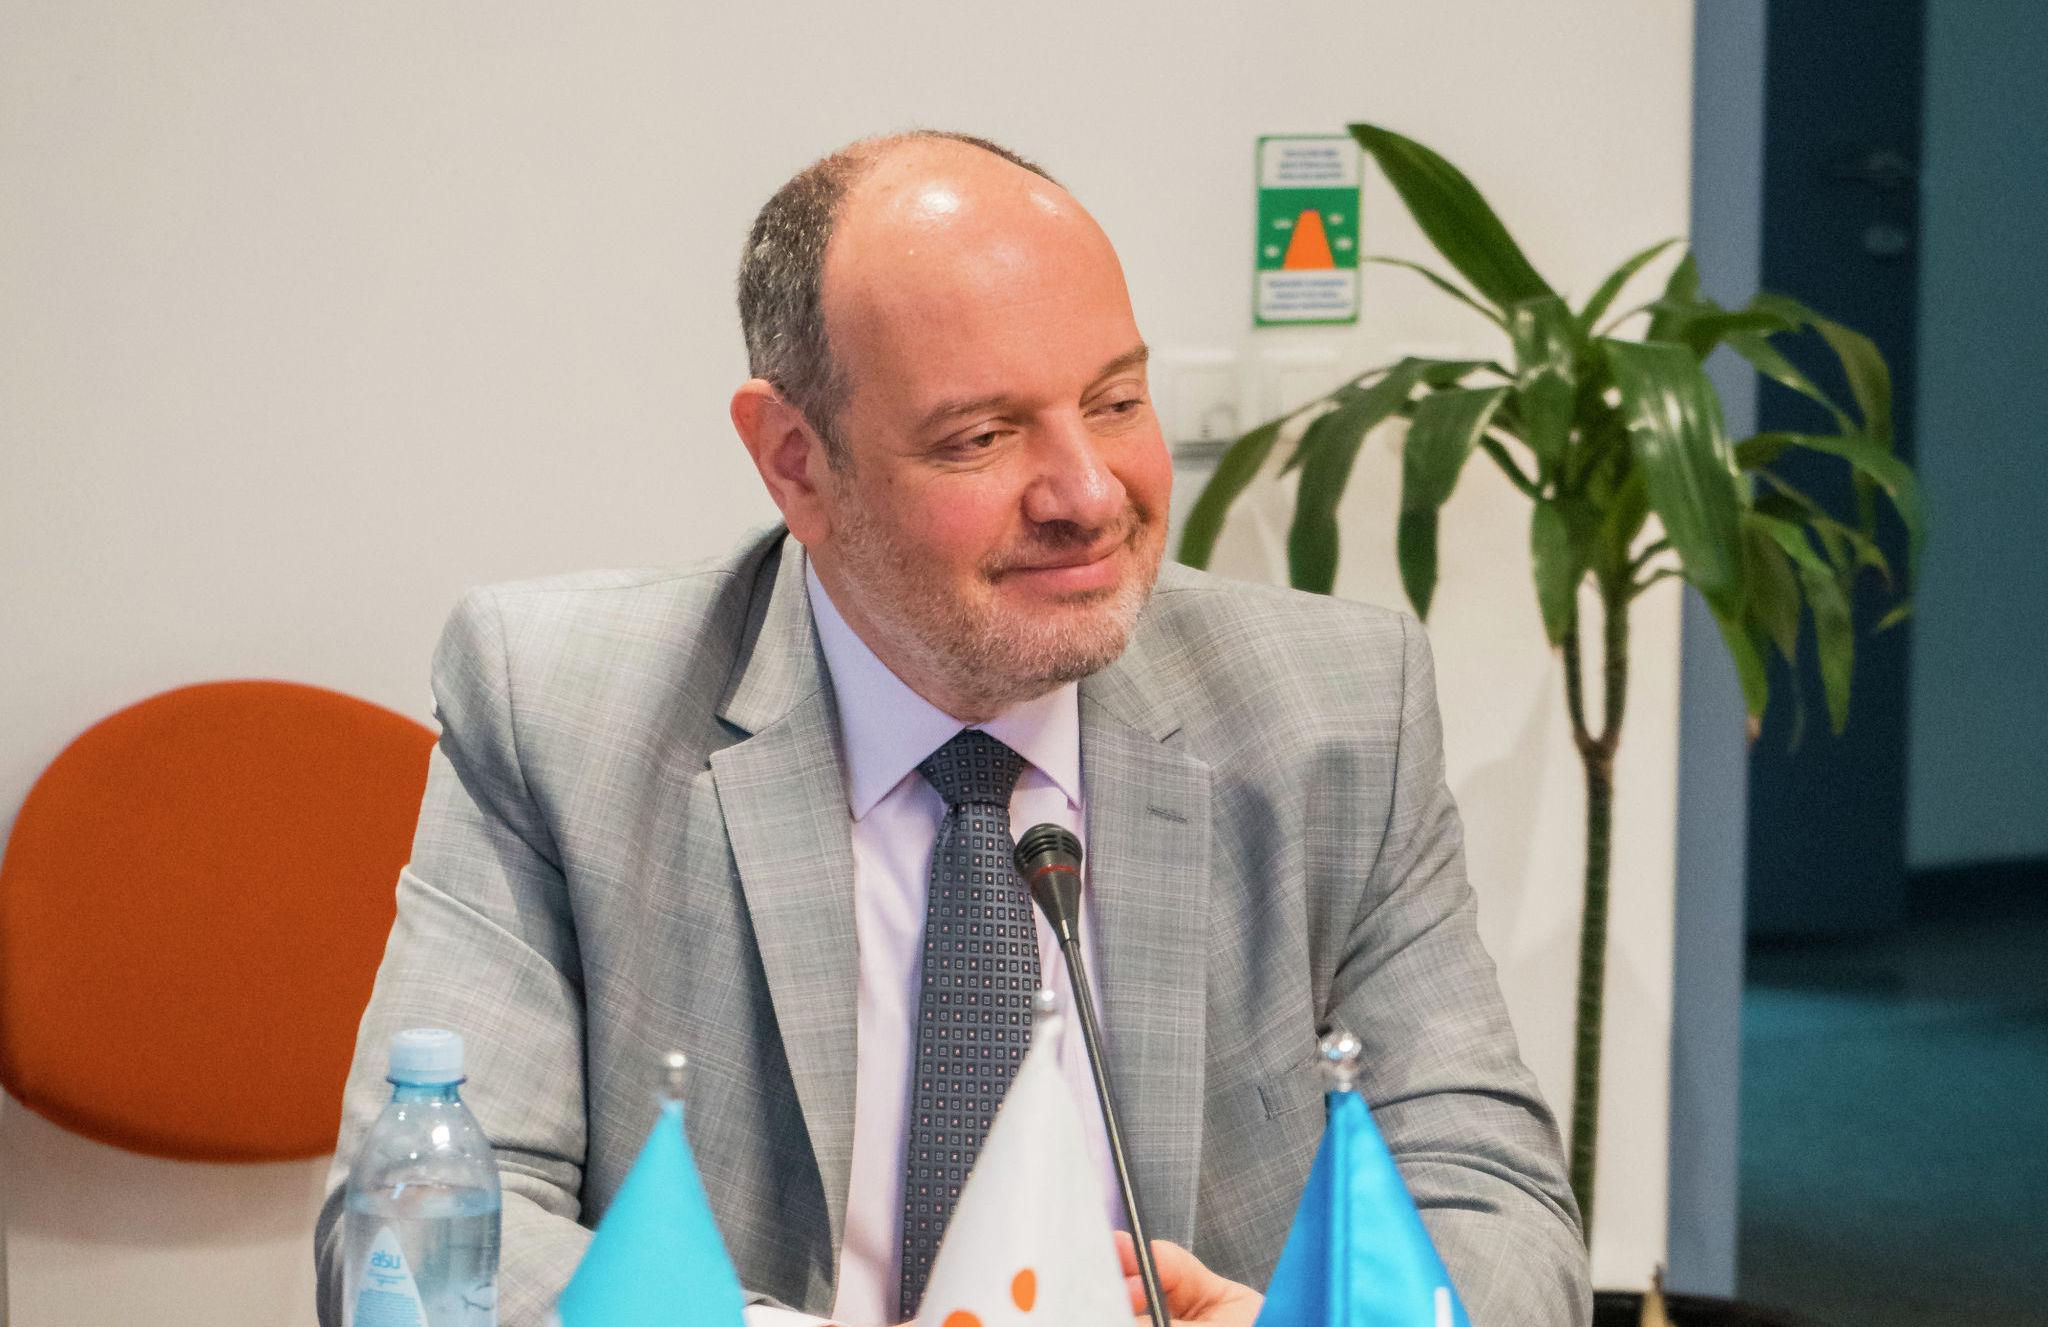 Мы растем вместе со своими детьми. Мы учимся падать и снова подниматься, - глава Детского фонда ООН (ЮНИСЕФ) в Казахстане Артур ван Дизен